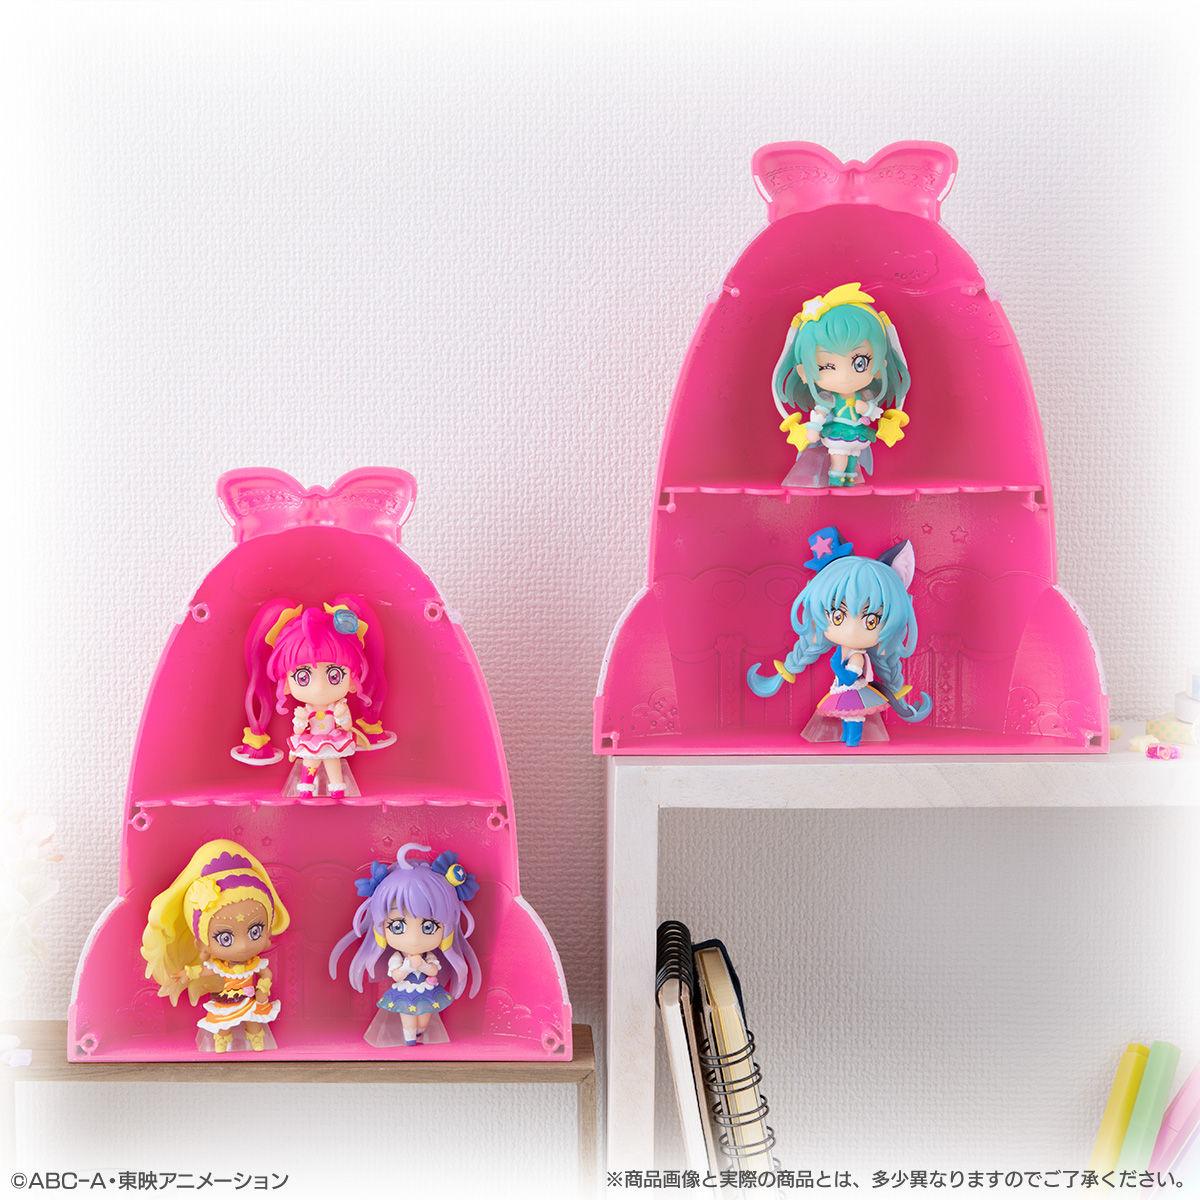 【限定販売】スター☆トゥインクルプリキュア『メモリアルマスコット』フィギュア セット-008